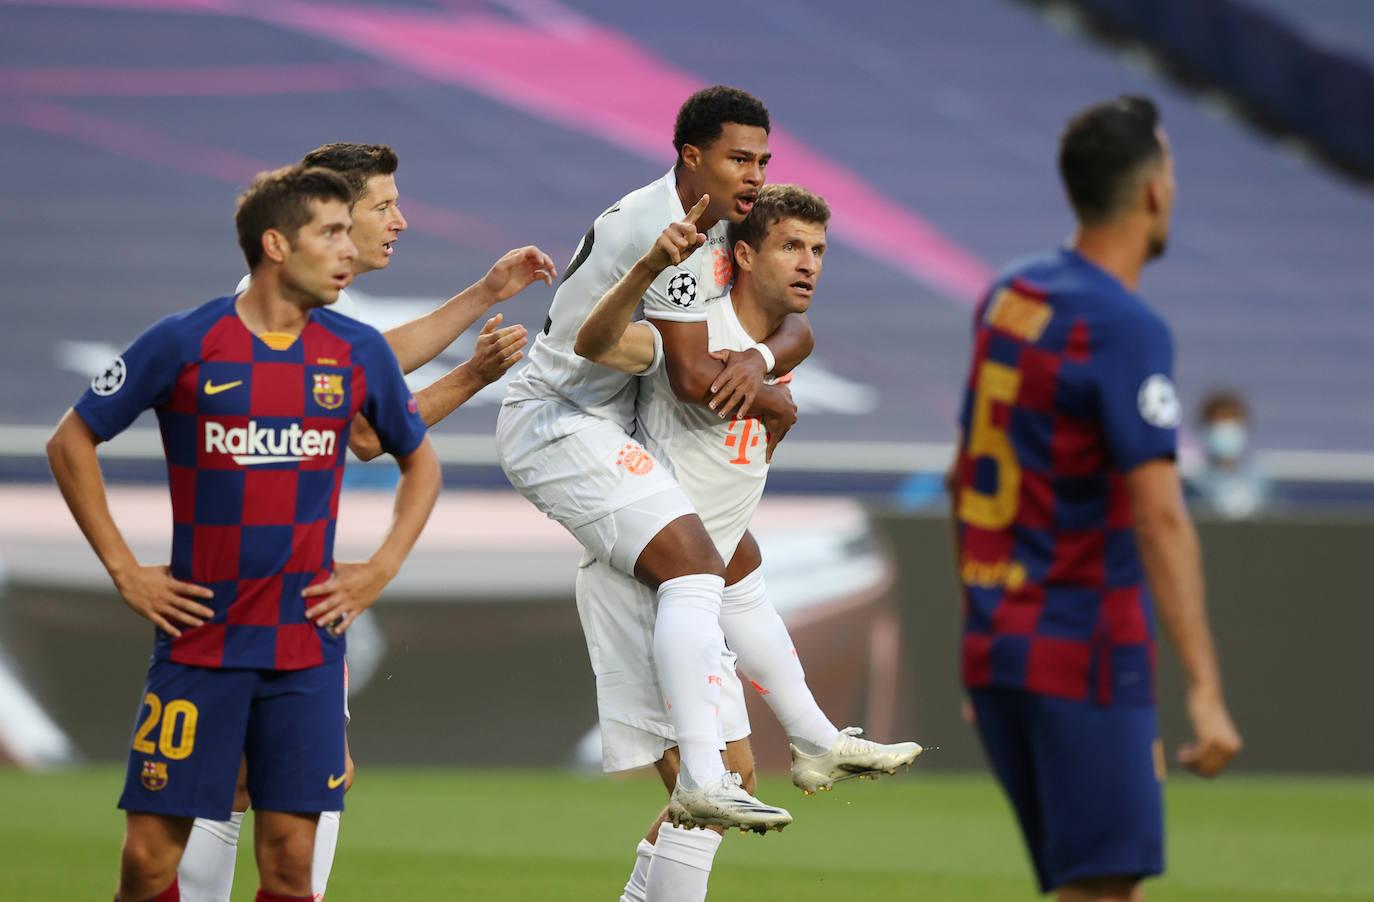 El Bayern Munich goleó 8-2 al Barcelona para avanzar a semifinales de la Champions League.